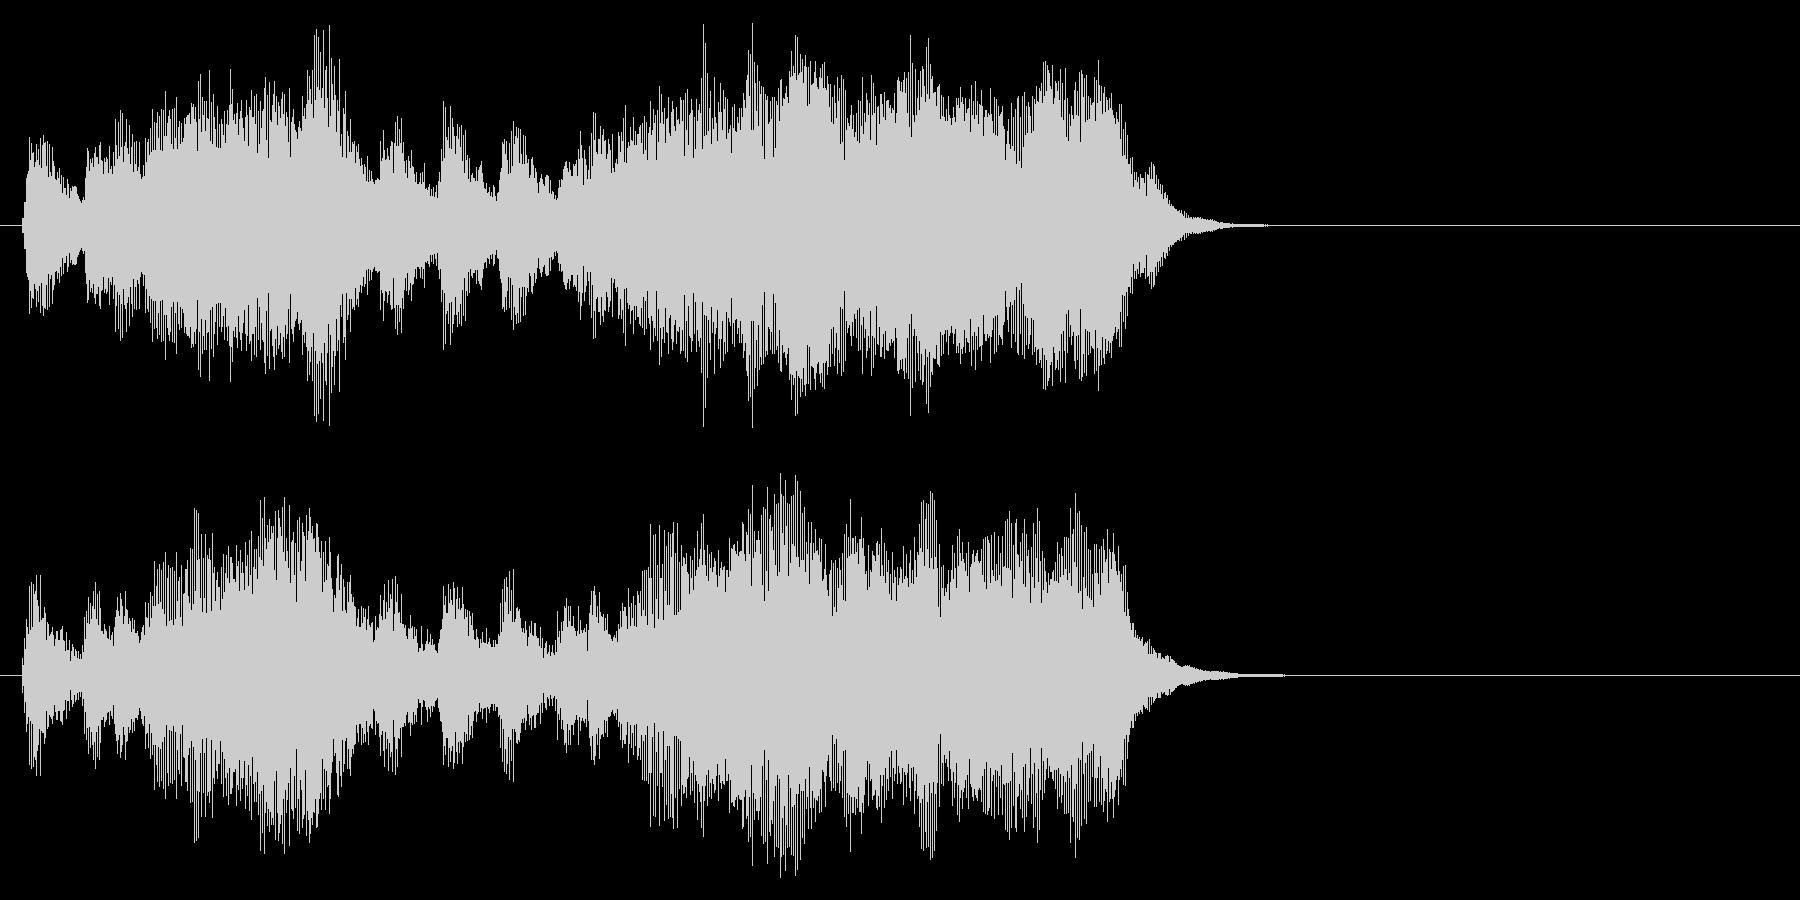 汎用06 パンパカパーン(Long)の未再生の波形